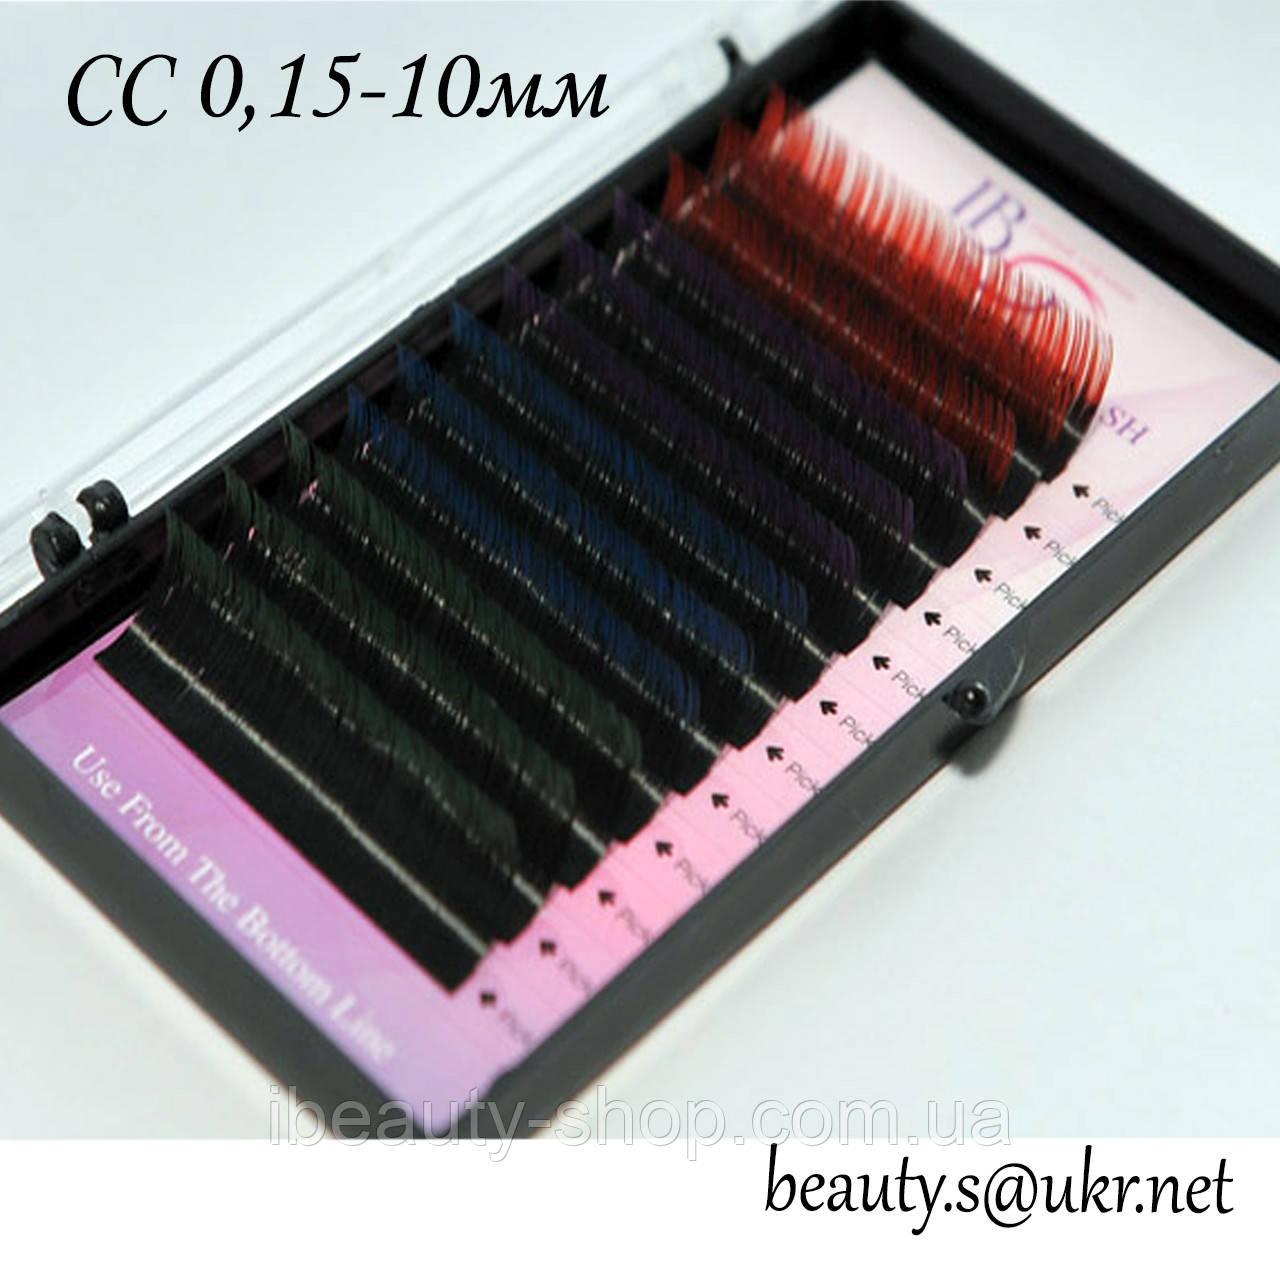 Вії I-Beauty, CC 0,15-10мм,кольорові кінці,4 кольори